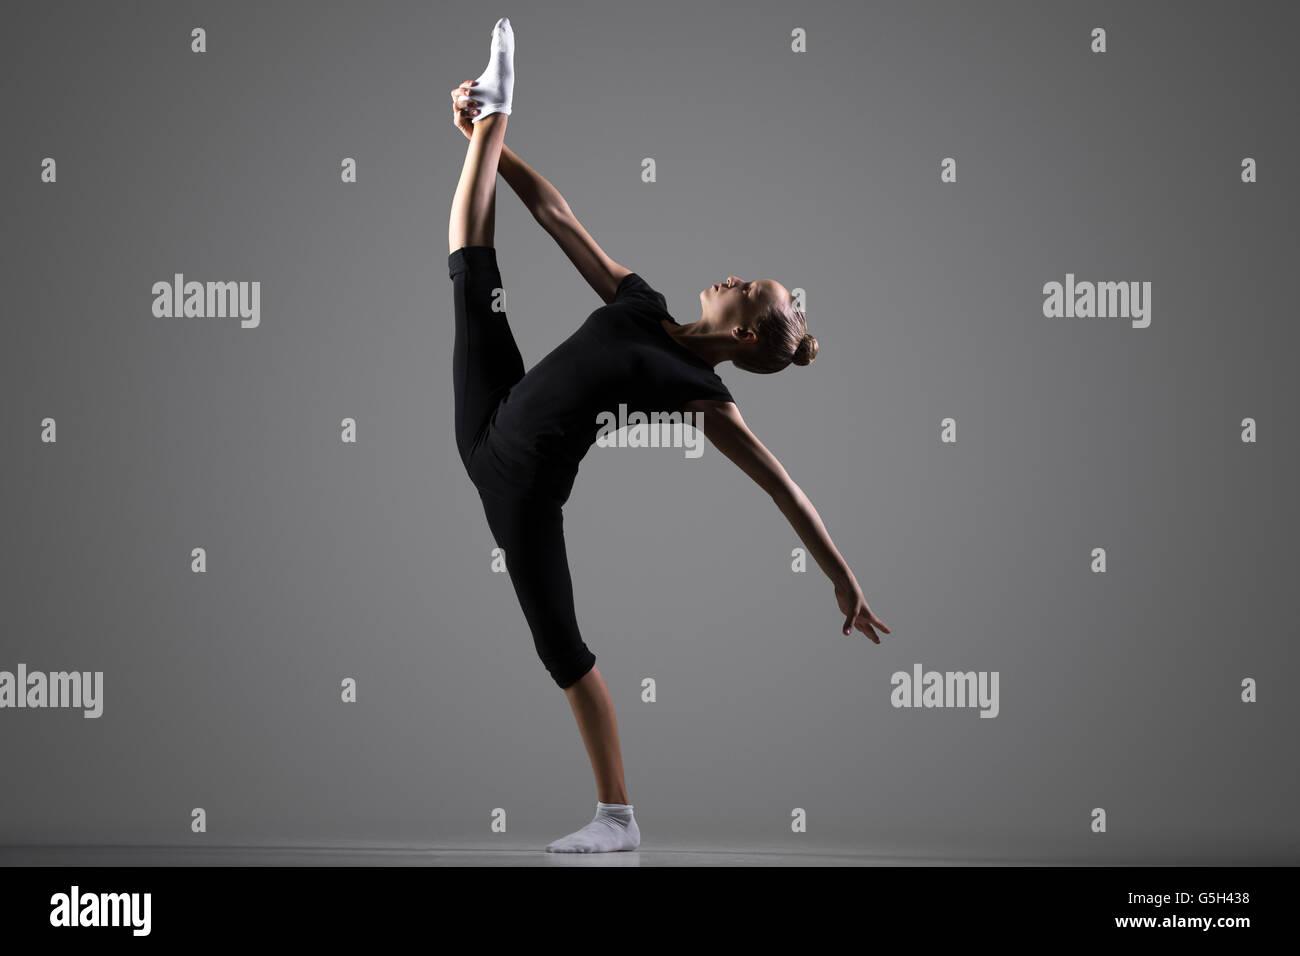 Schöne Coole Junge Passen Turnerin Athlet Frau Sportswear Trainieren